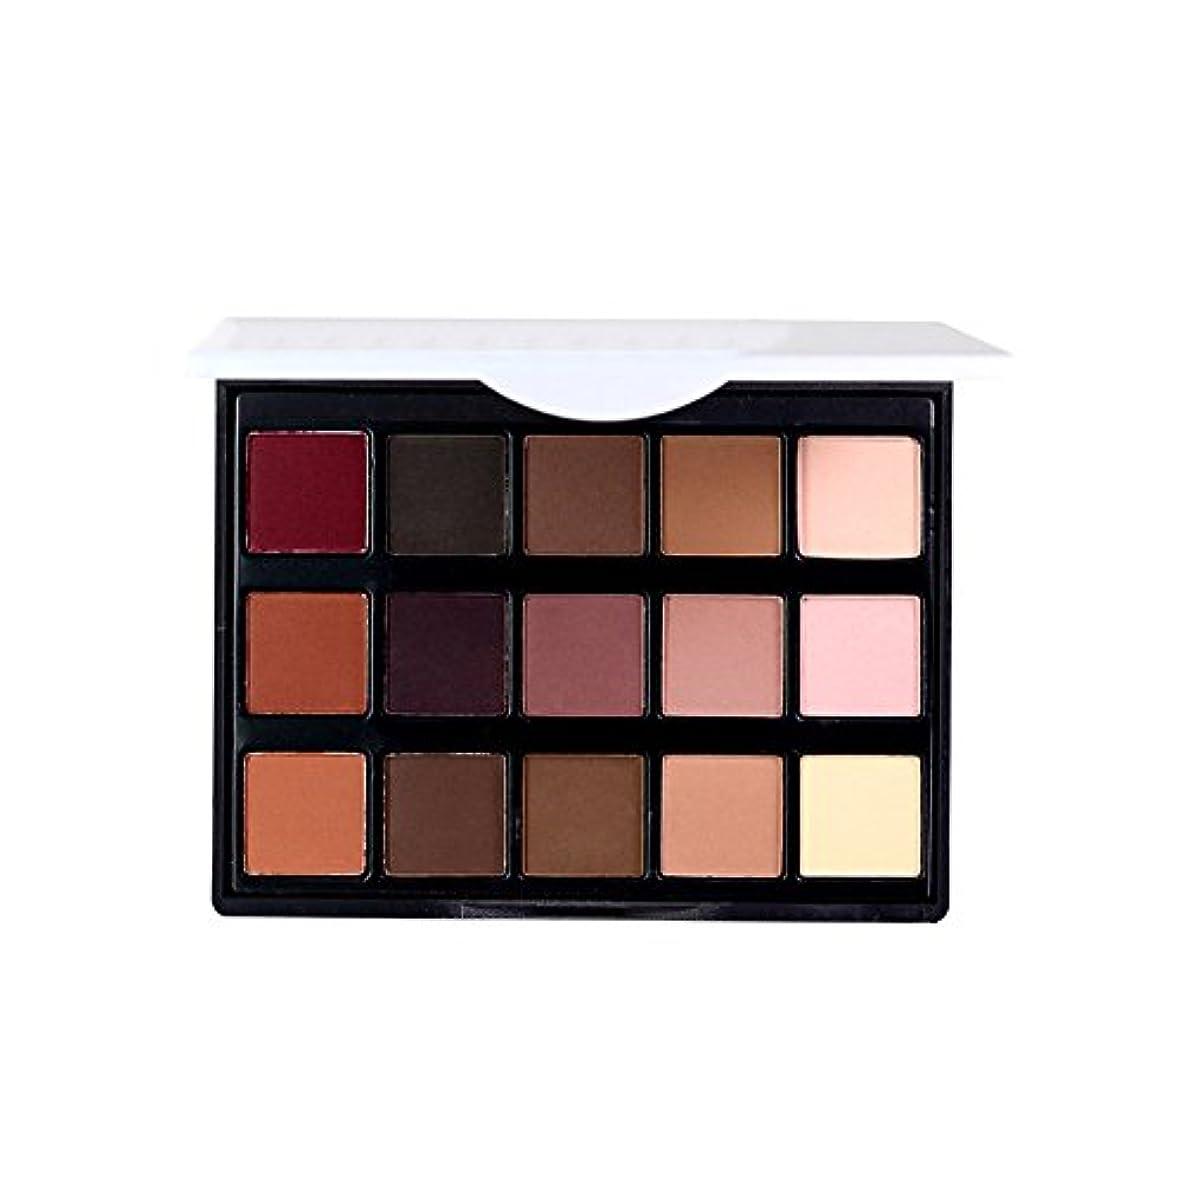 ローズ間違えた別の女性 プロフェッショナル15色 眼 影 化粧品 パレット アイシャドウ アイメイク アップ化粧品 1